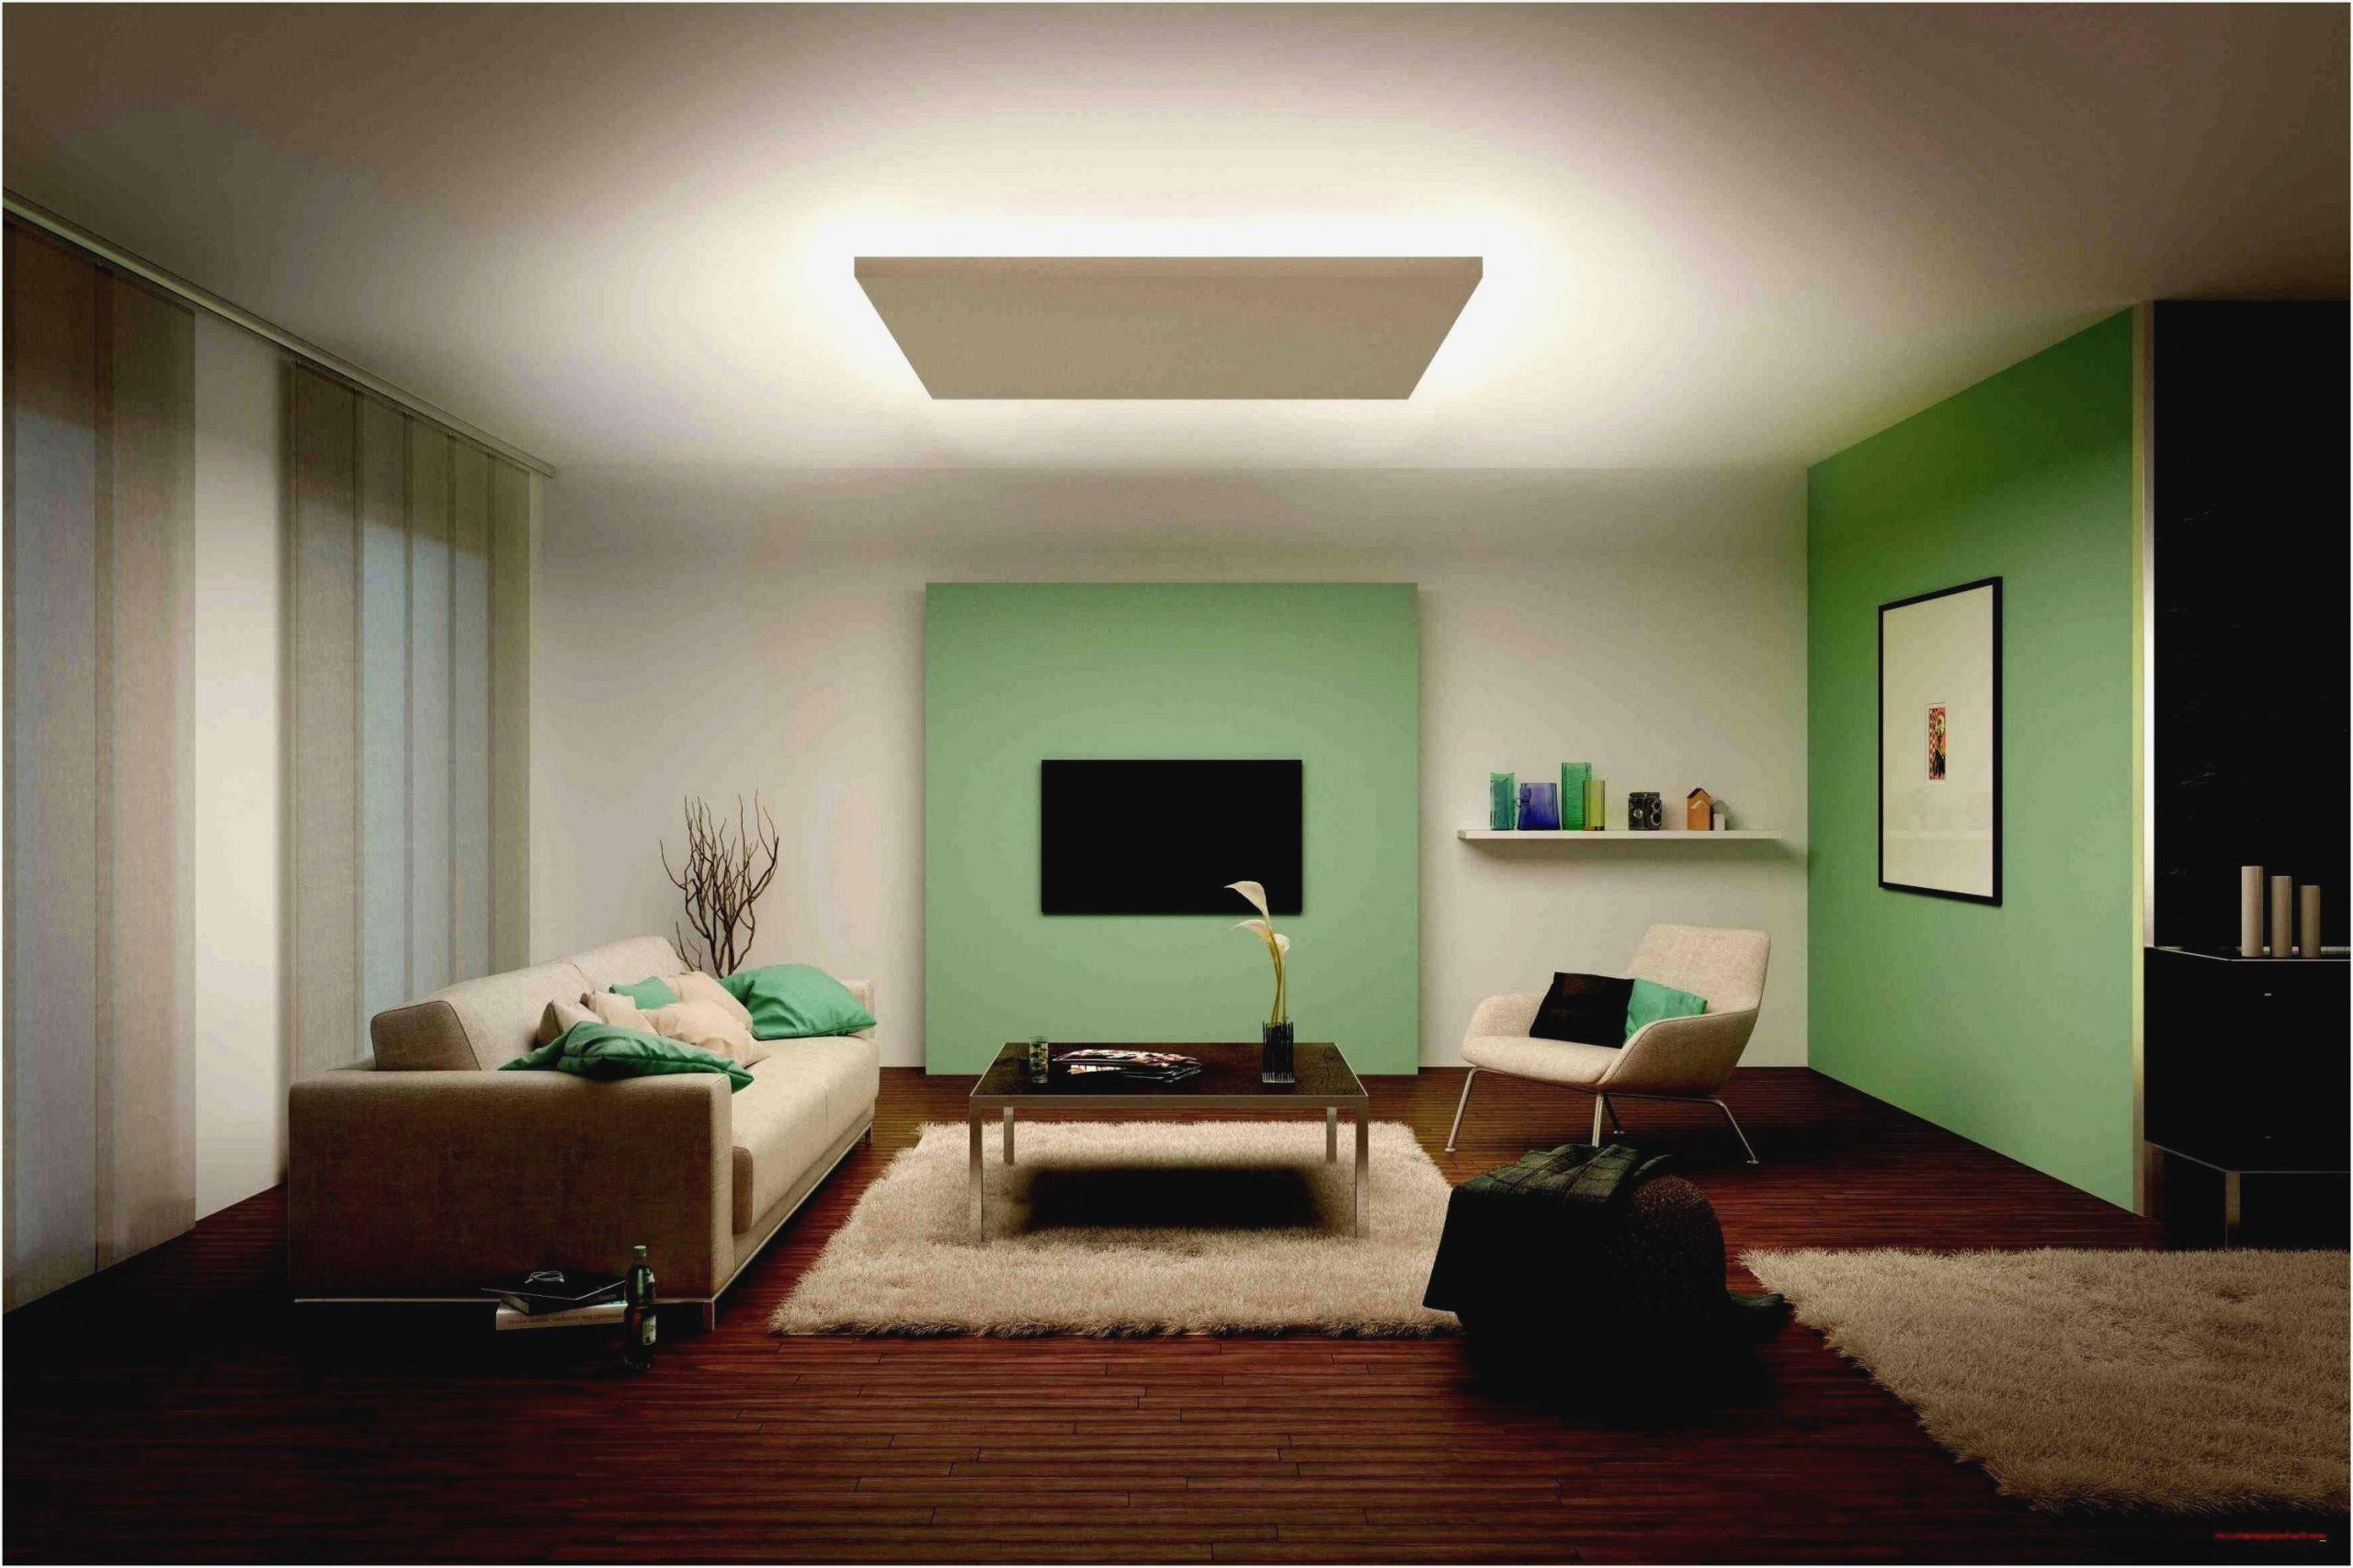 Full Size of Deckenlampen Ideen Deckenlampe Warmlicht Wohnzimmer Modern Traumhaus Tapeten Bad Renovieren Für Wohnzimmer Deckenlampen Ideen